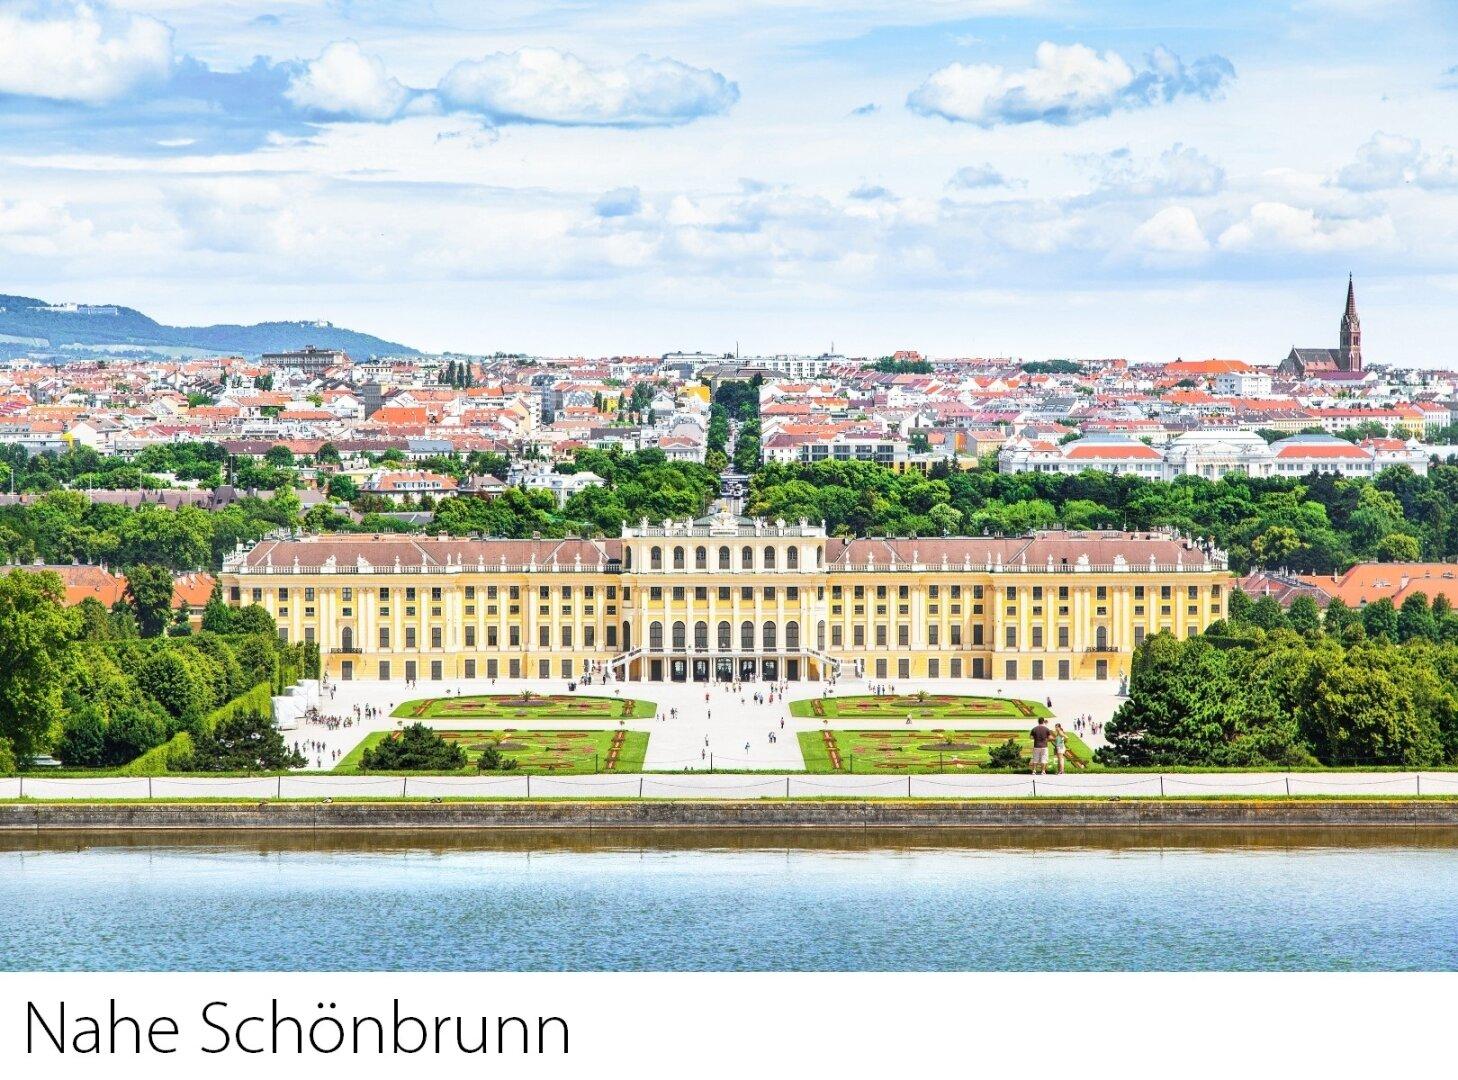 Nahe Schönbrunn